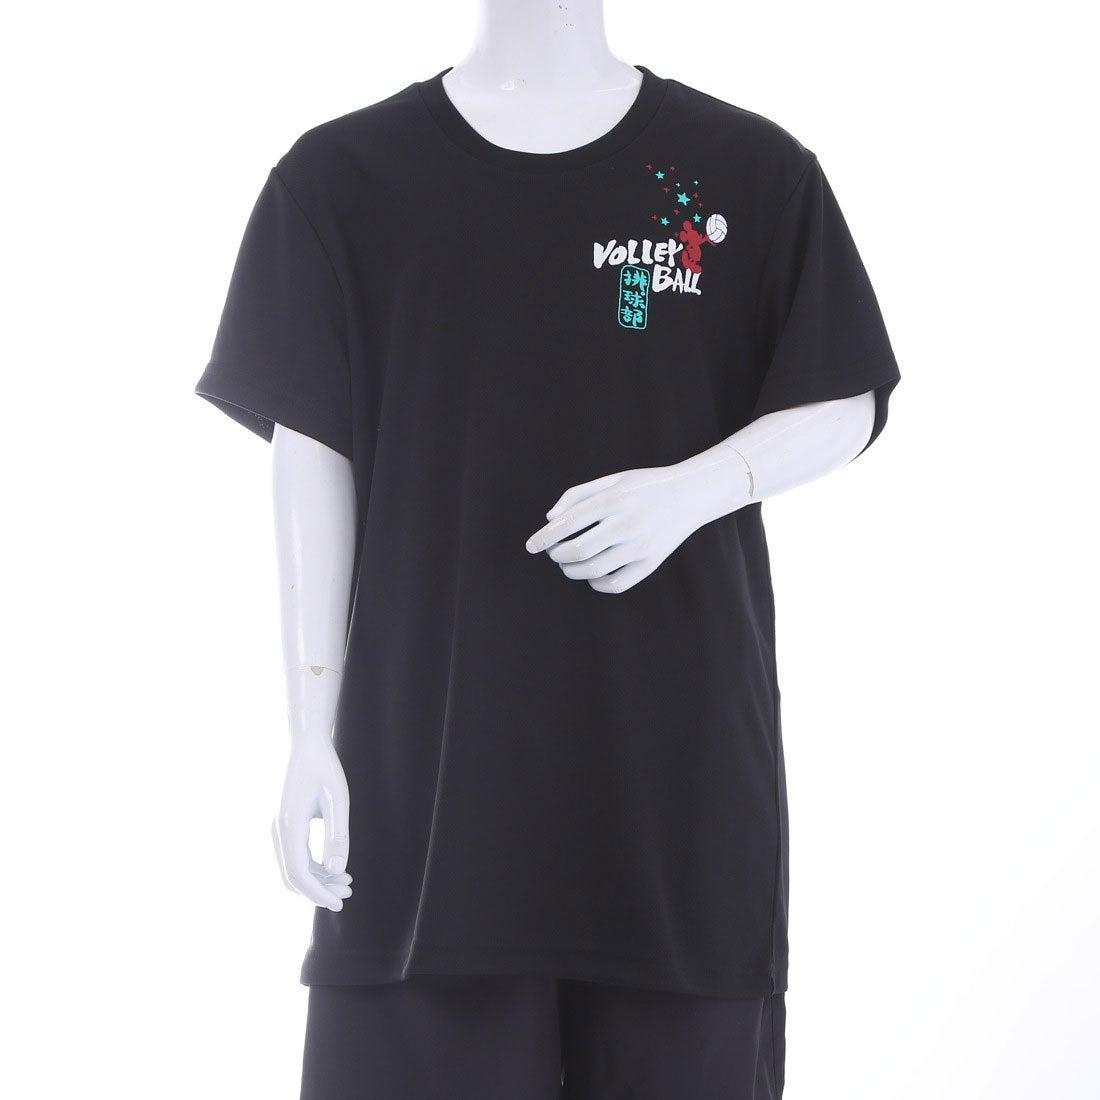 ディズニー Disney ジュニア バレーボール 半袖Tシャツ DN-8VW4007TSMK DN-8VW4007TSMK